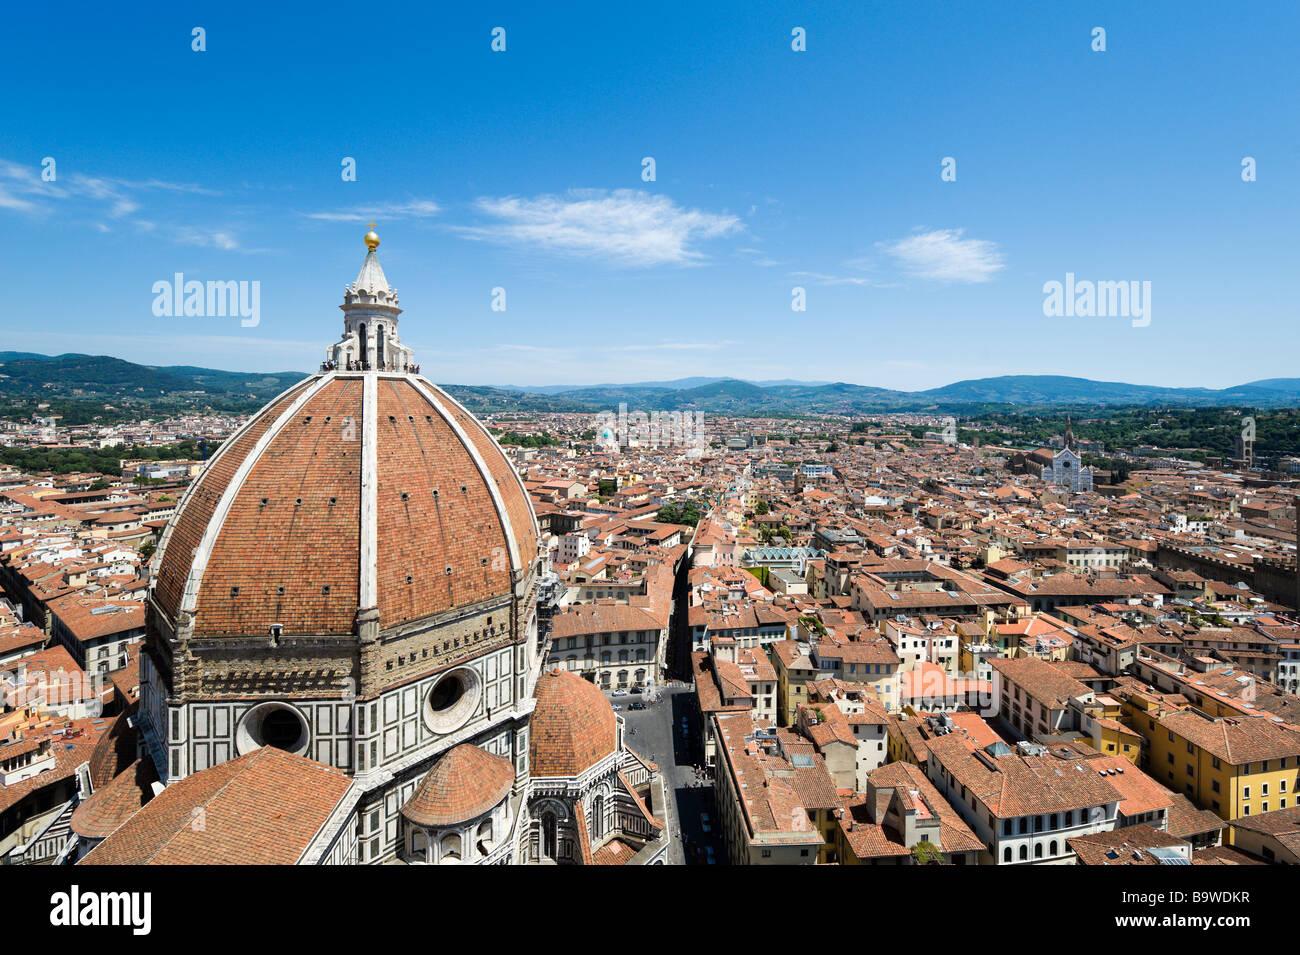 Vue sur le dôme de la Basilique de Santa Maria del Fiore (le Duomo) à partir de l'hôtel Campanile, Photo Stock